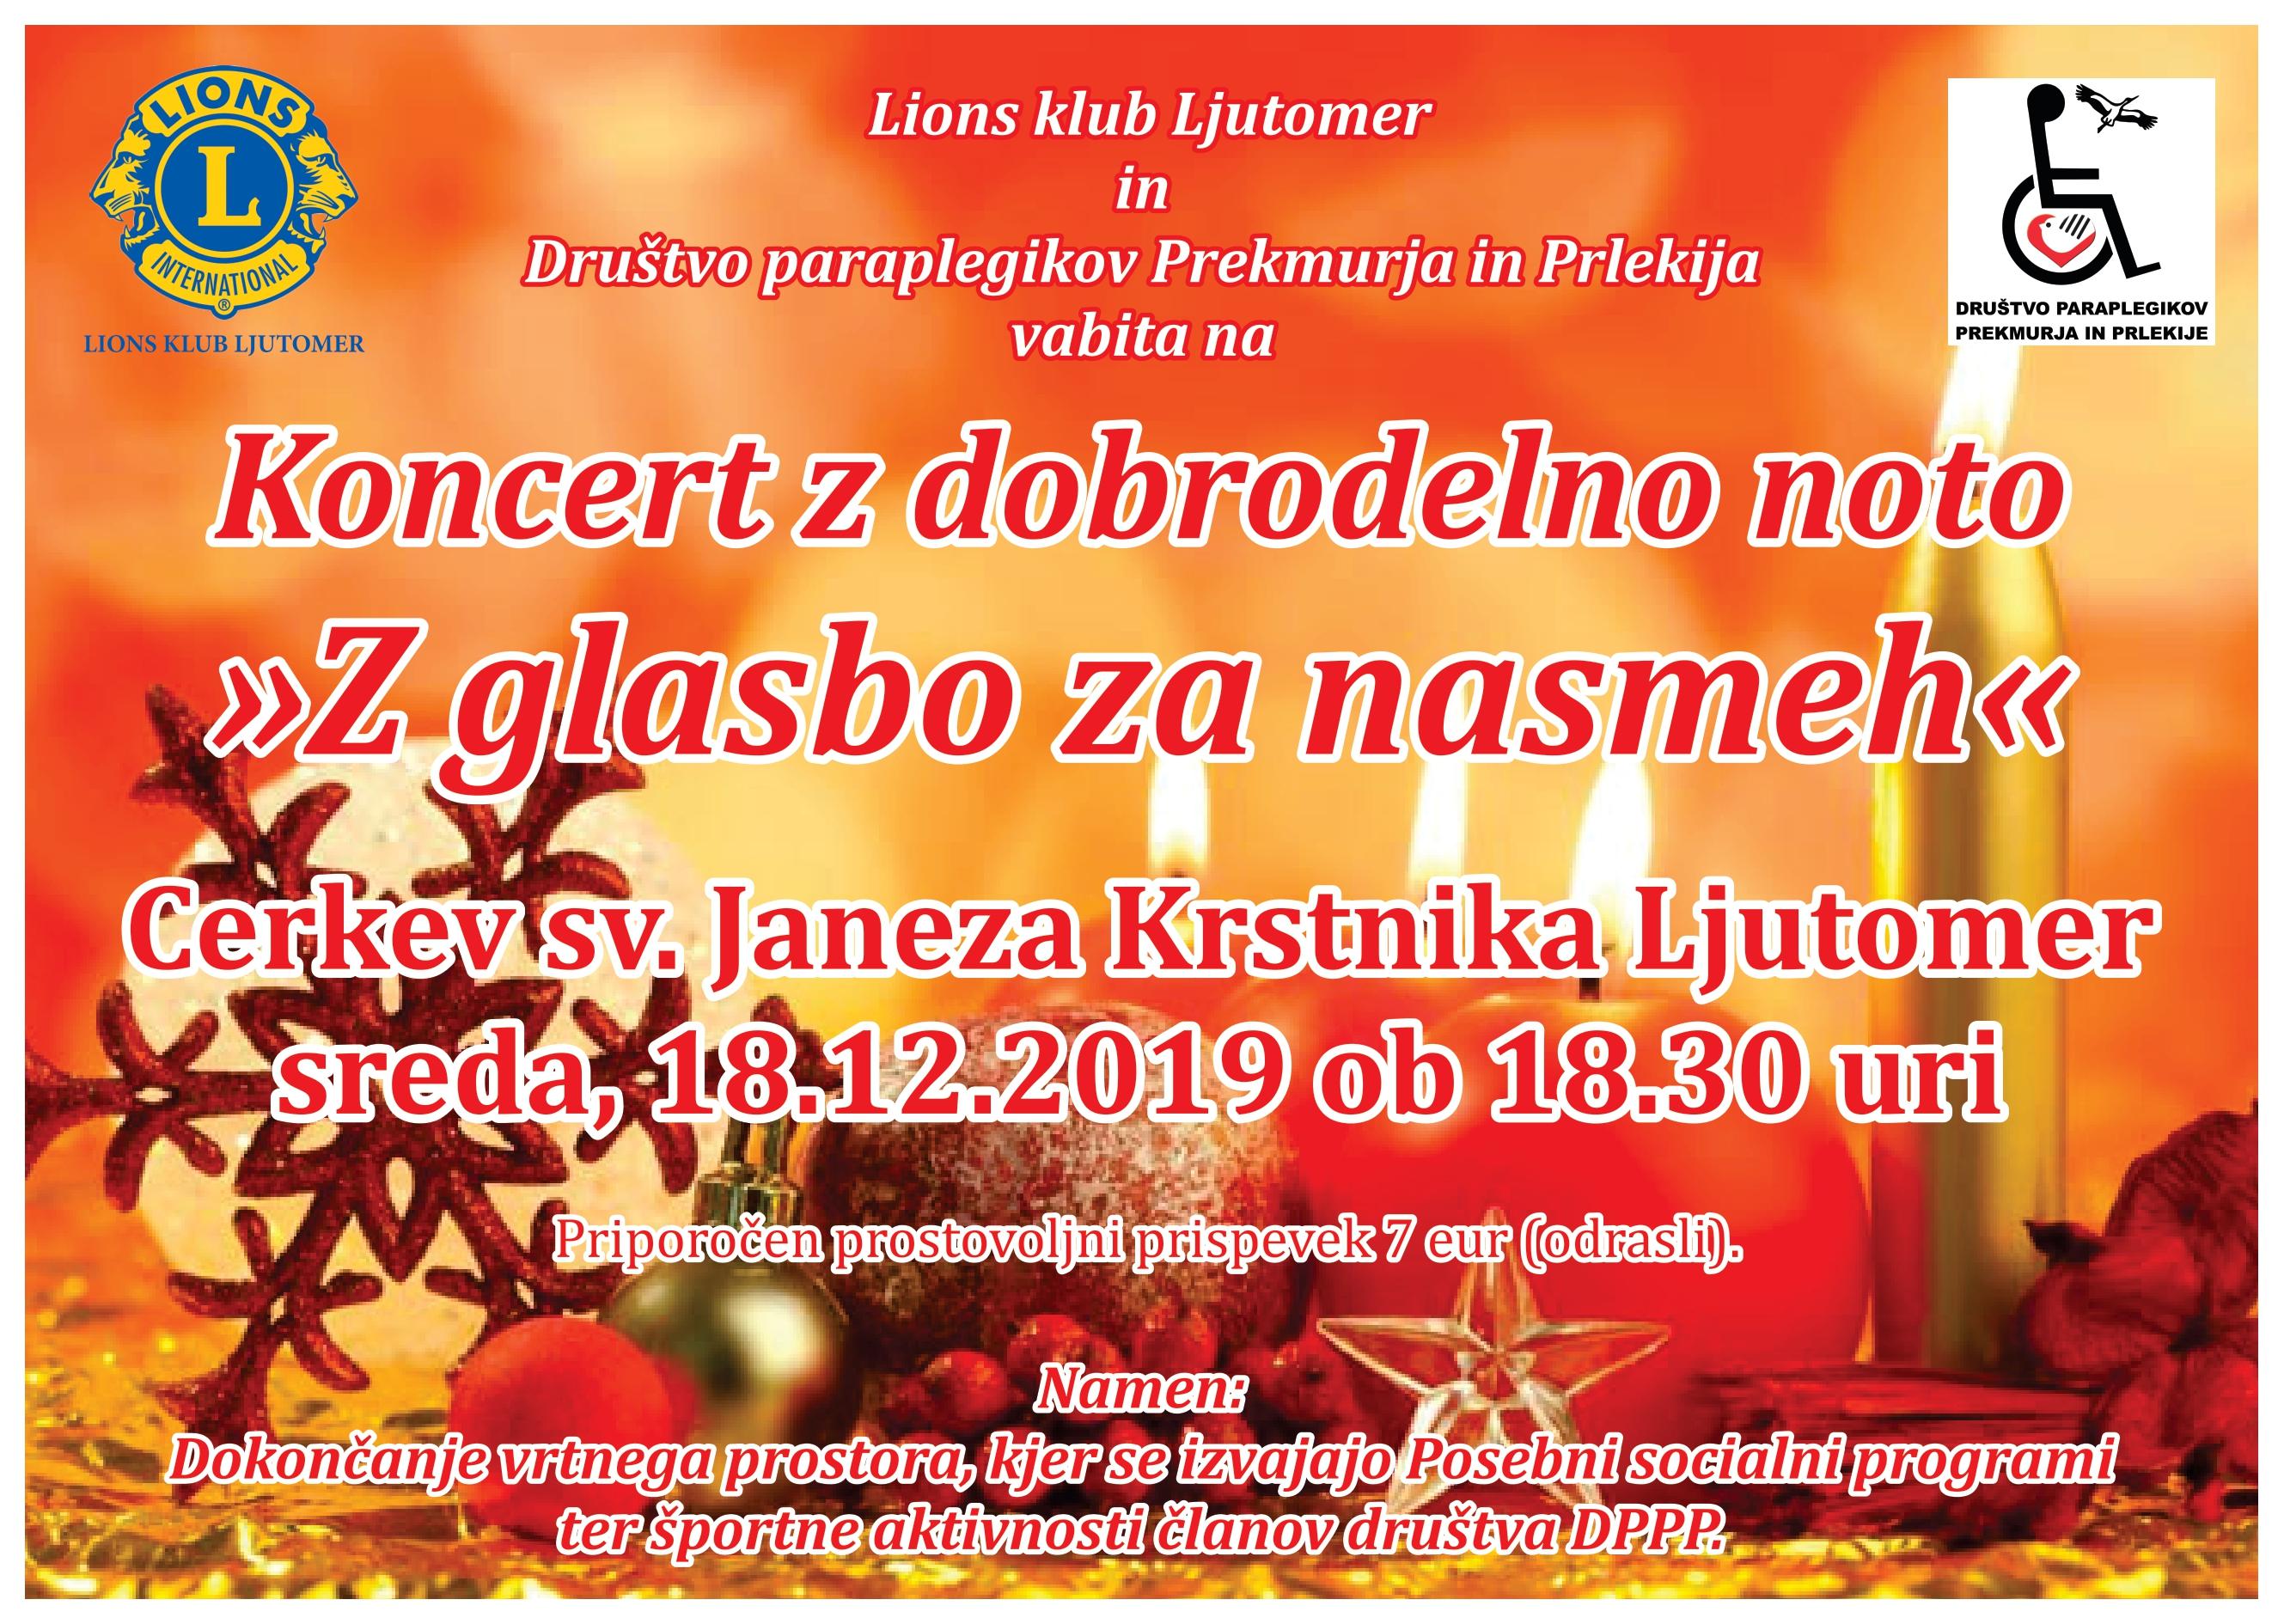 plakat dobrodelni 2019_page-0001